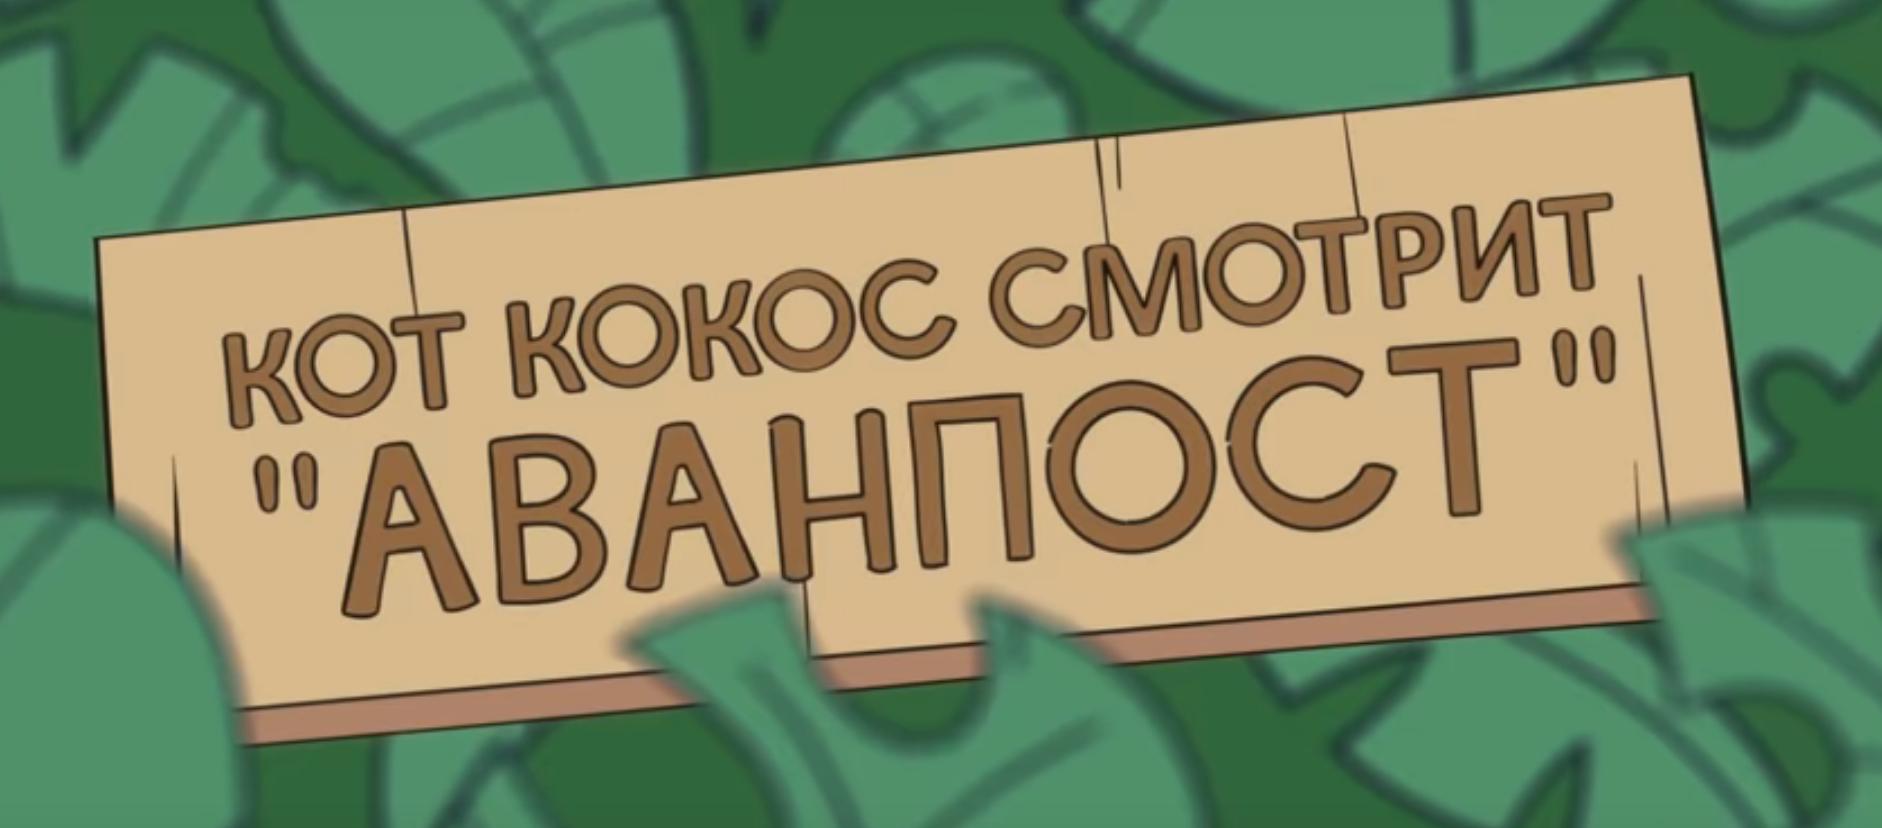 Сценарист «Аванпоста» обыграл поход в кино в своём веб-мультсериале «Кот Кокос»